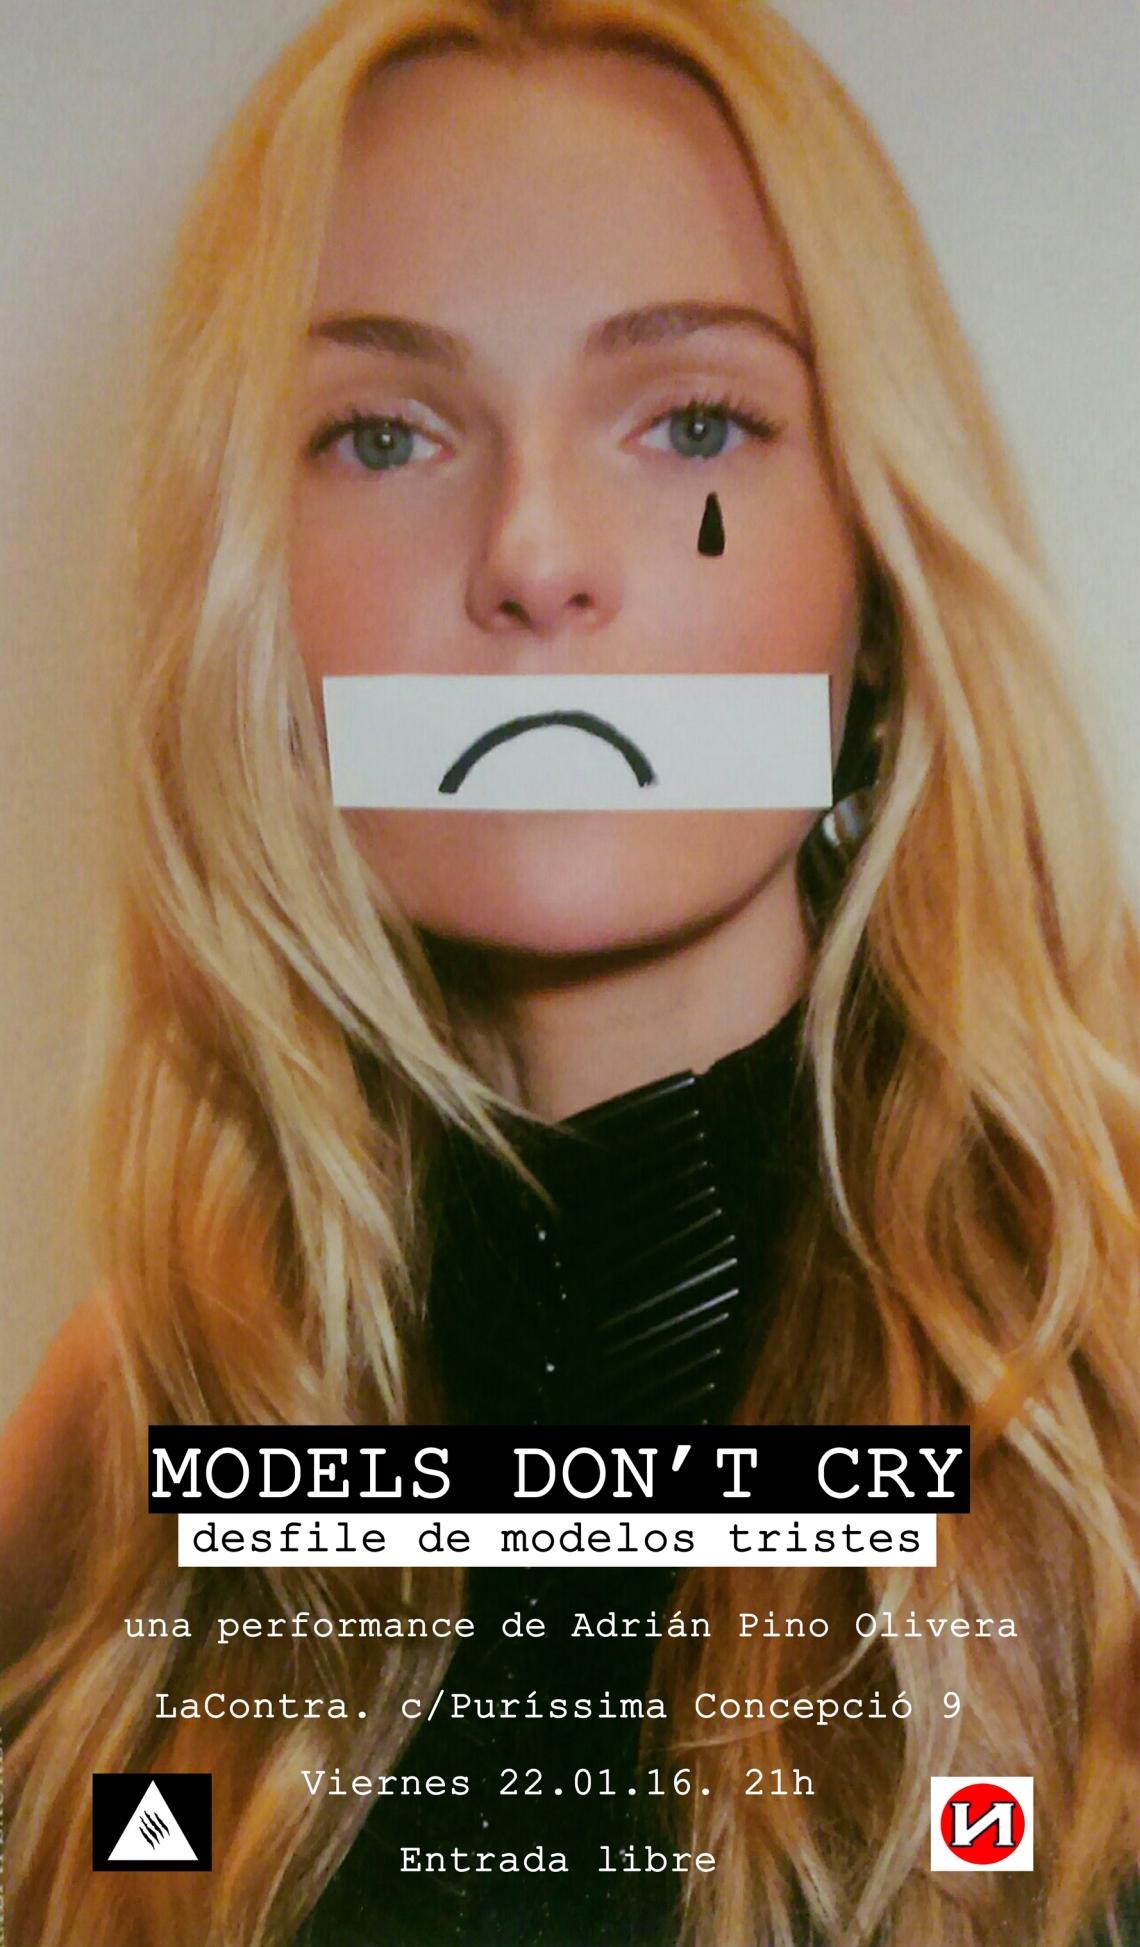 poster_models_def - copia (2)